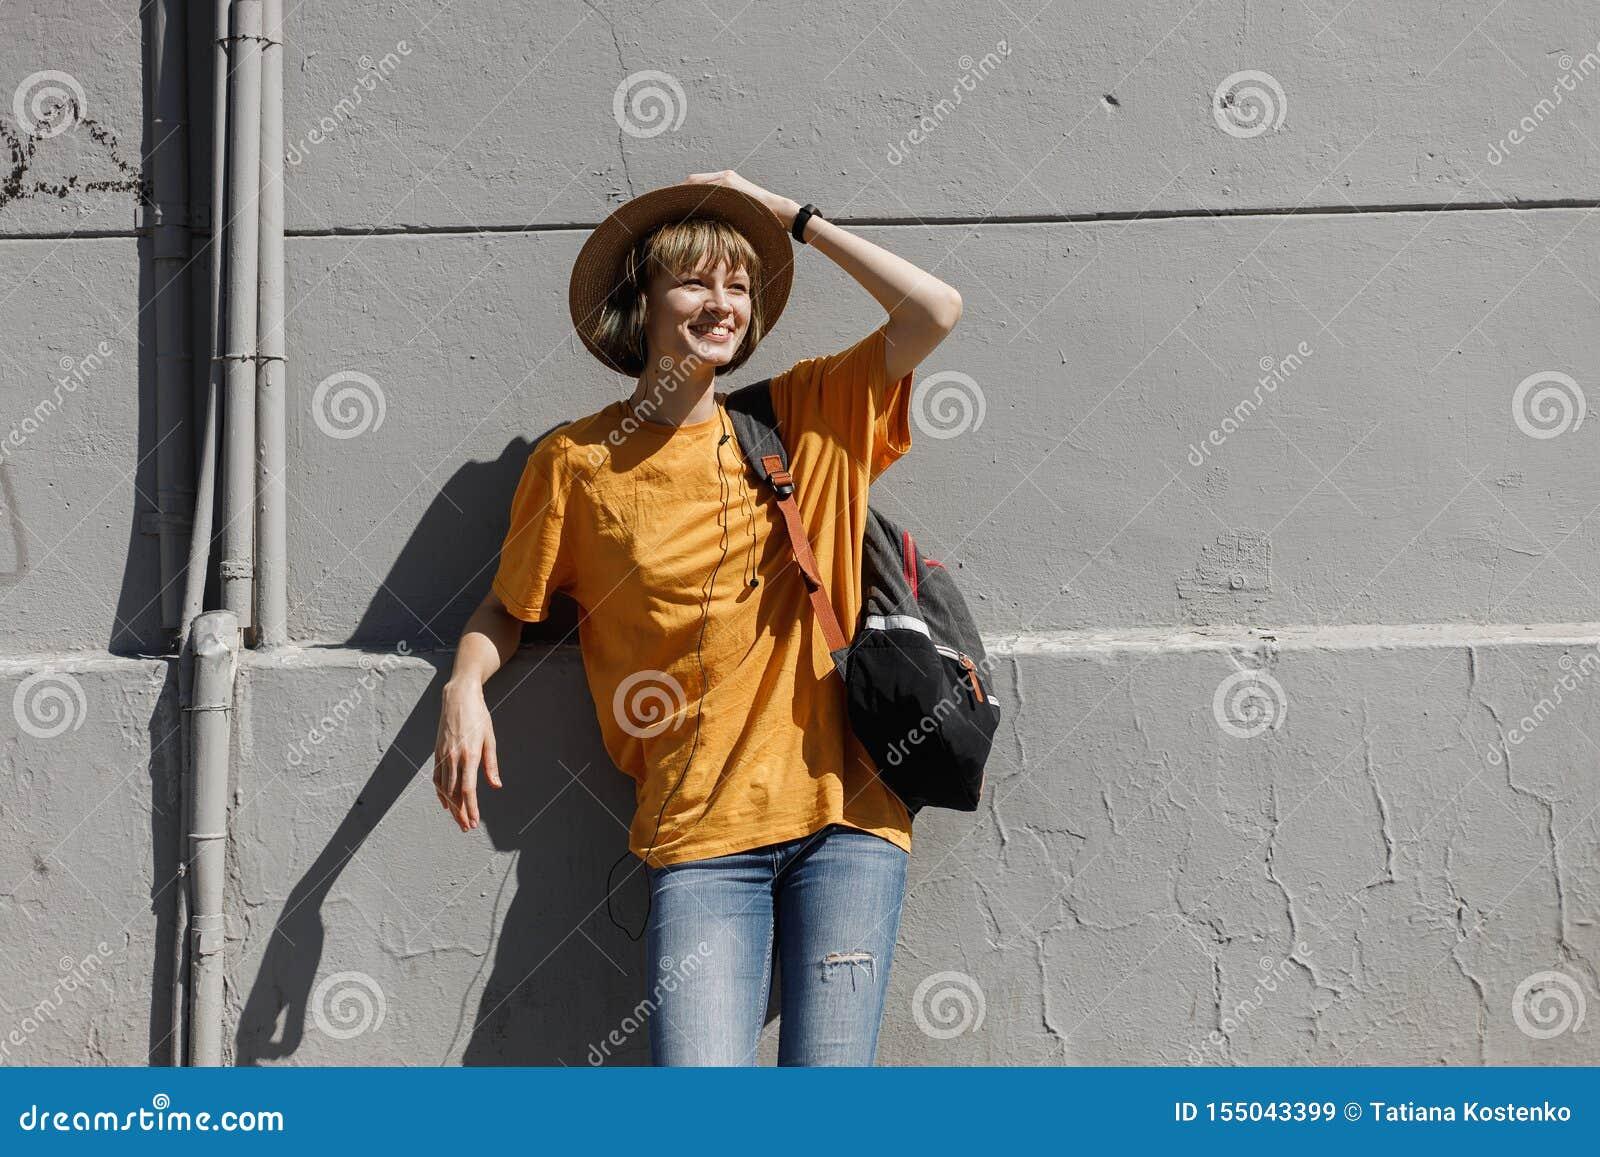 Uśmiechnięta młoda dziewczyna z plecakiem ubierał w żółtej koszulce i słomiany kapelusz stoi opierać na szarym budynku w mieście